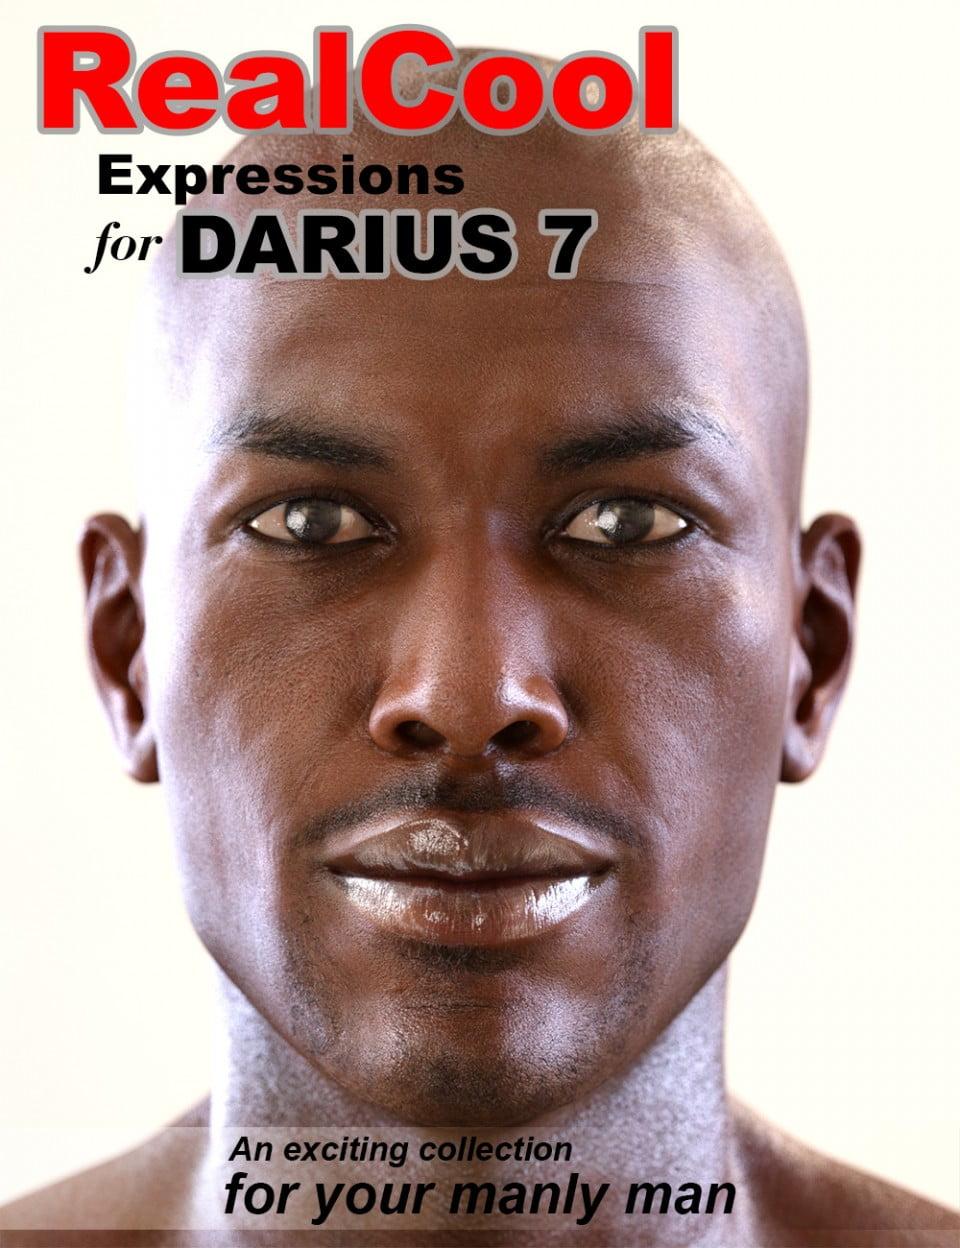 RealCool Expressions for Darius 7 - poses, daz-poser-carrara